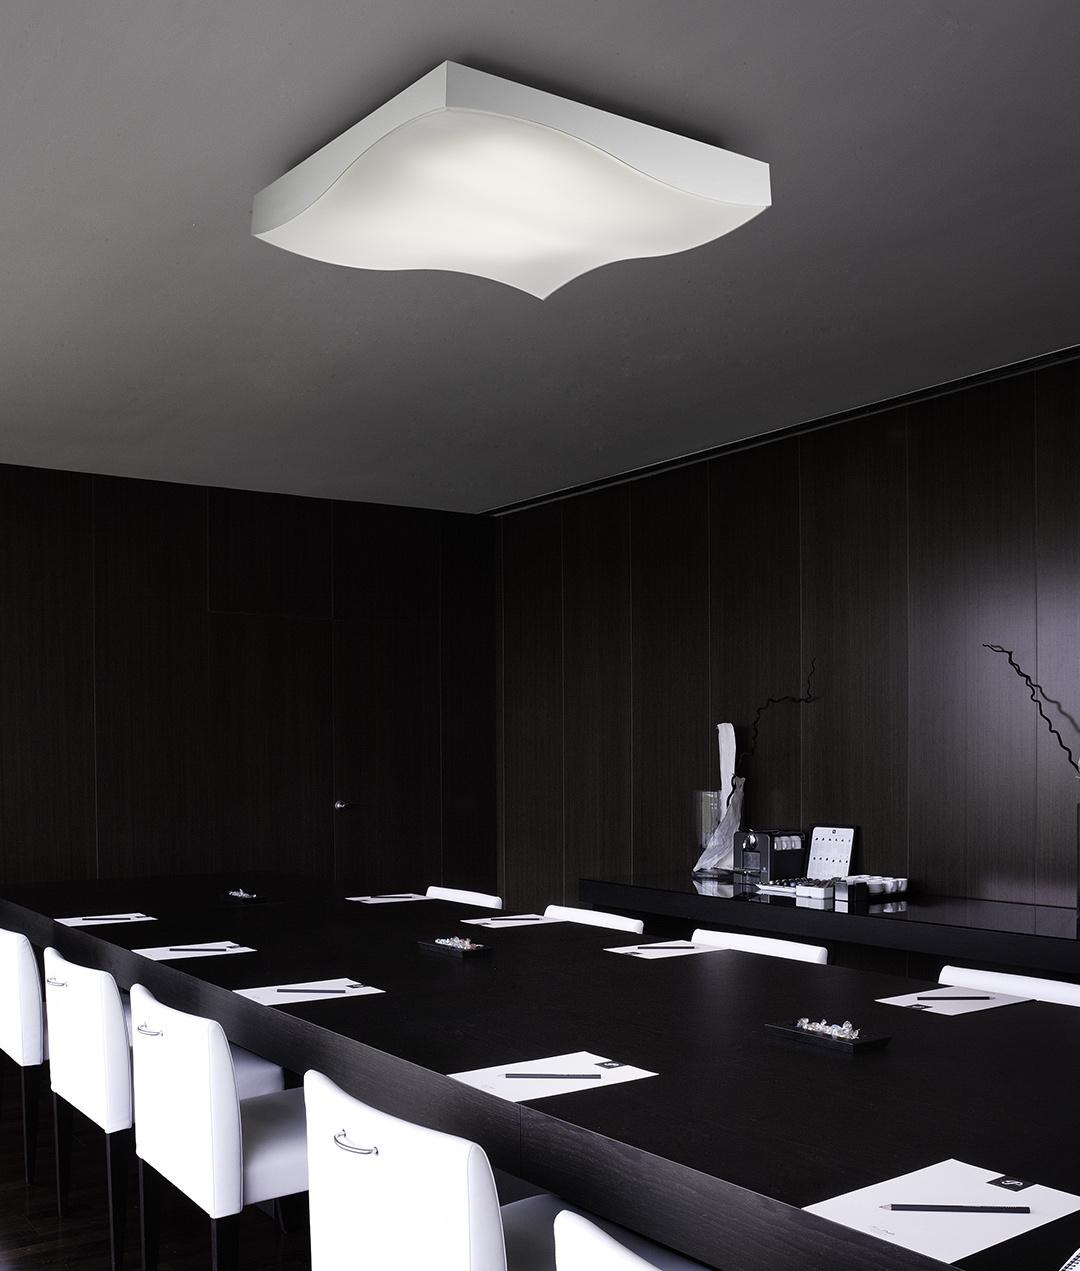 large flush square led ceiling light measuring 800mm. Black Bedroom Furniture Sets. Home Design Ideas